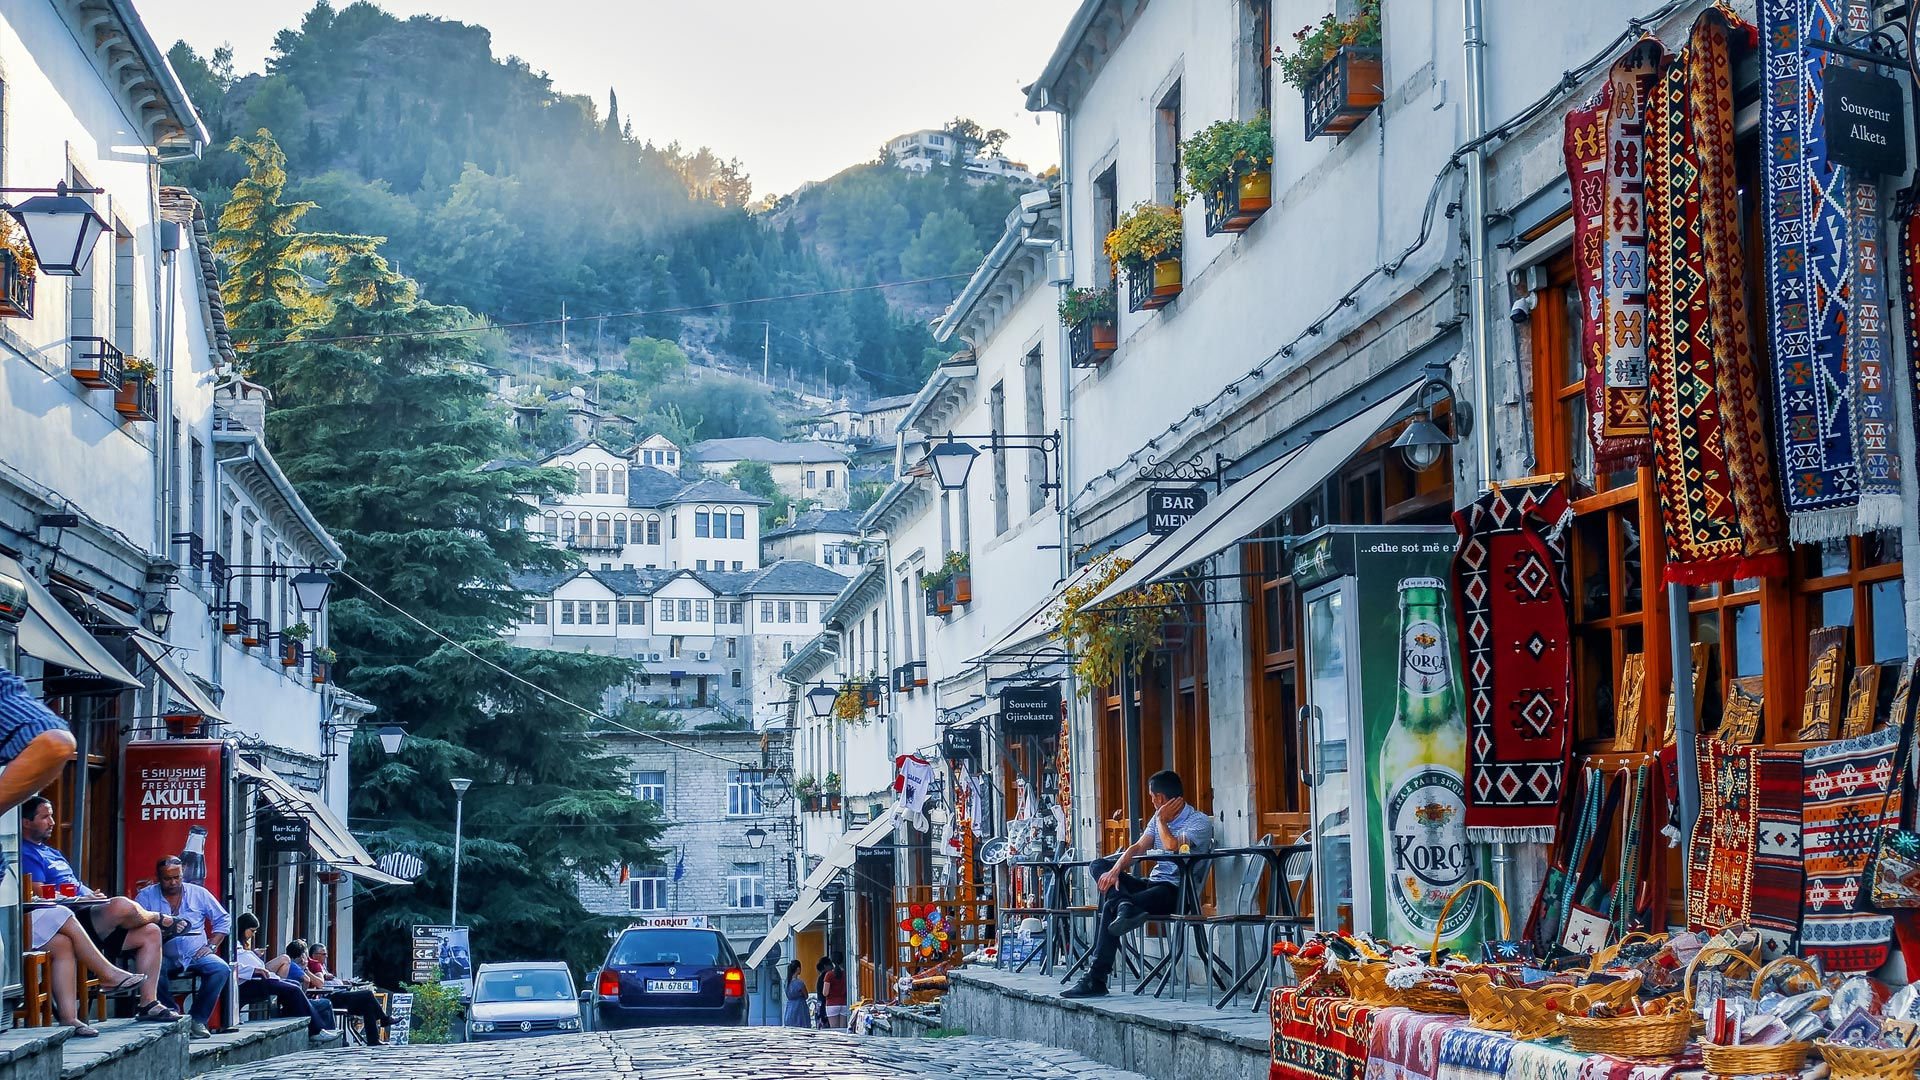 Jakie pieniądze są w Albanii? Waluta w Albanii. Jakie pieniądze zabrać